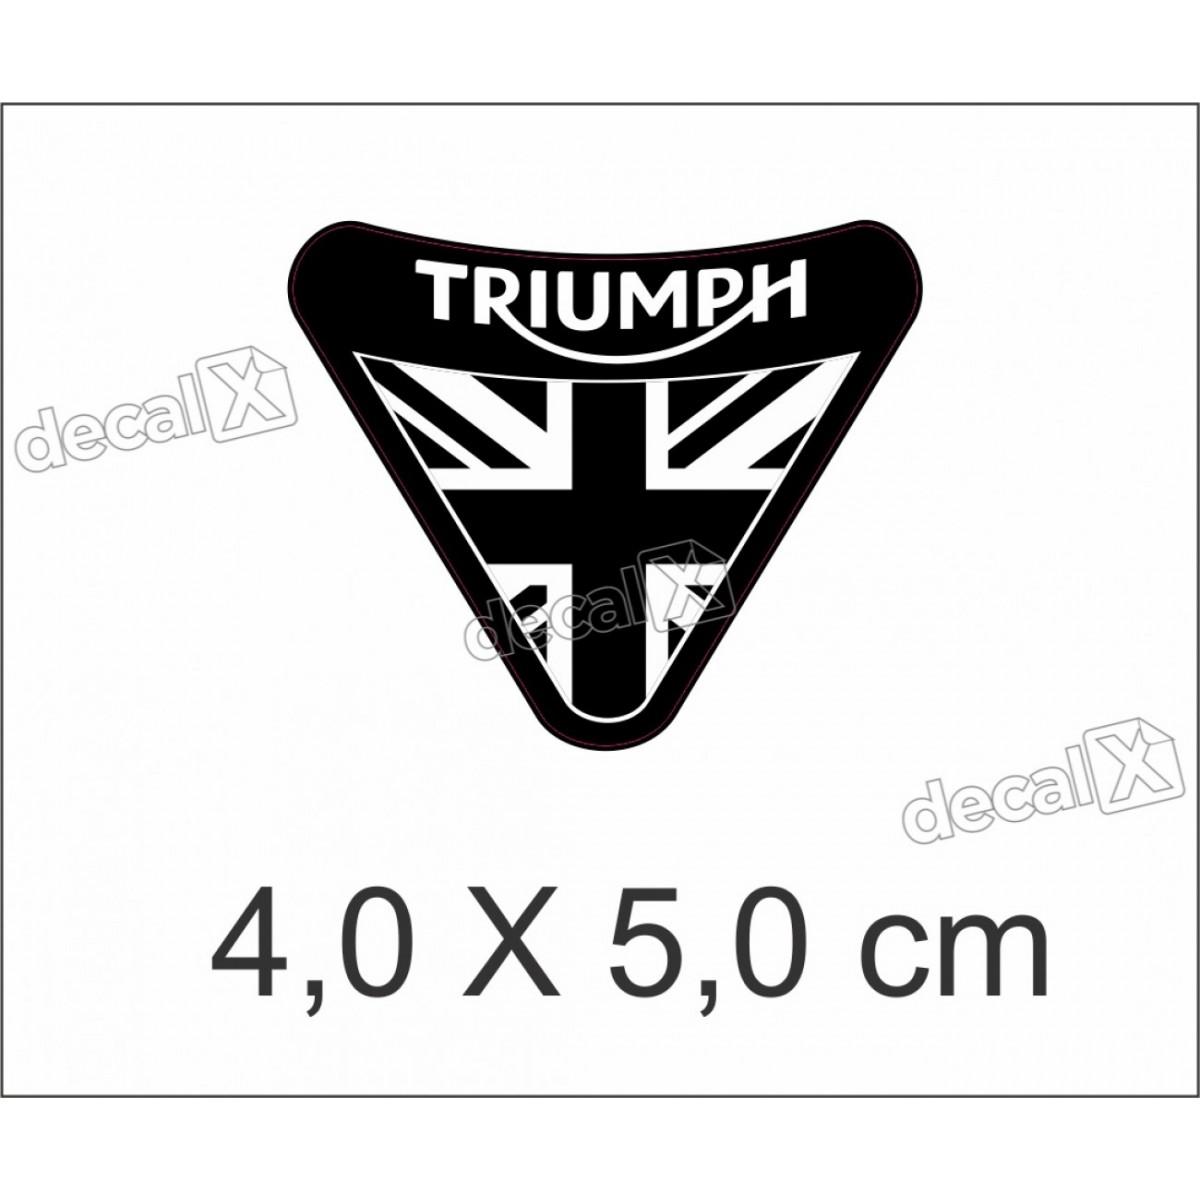 Adesivo Escudo Triumph Resinado 4x5 Cm Preto Decalx